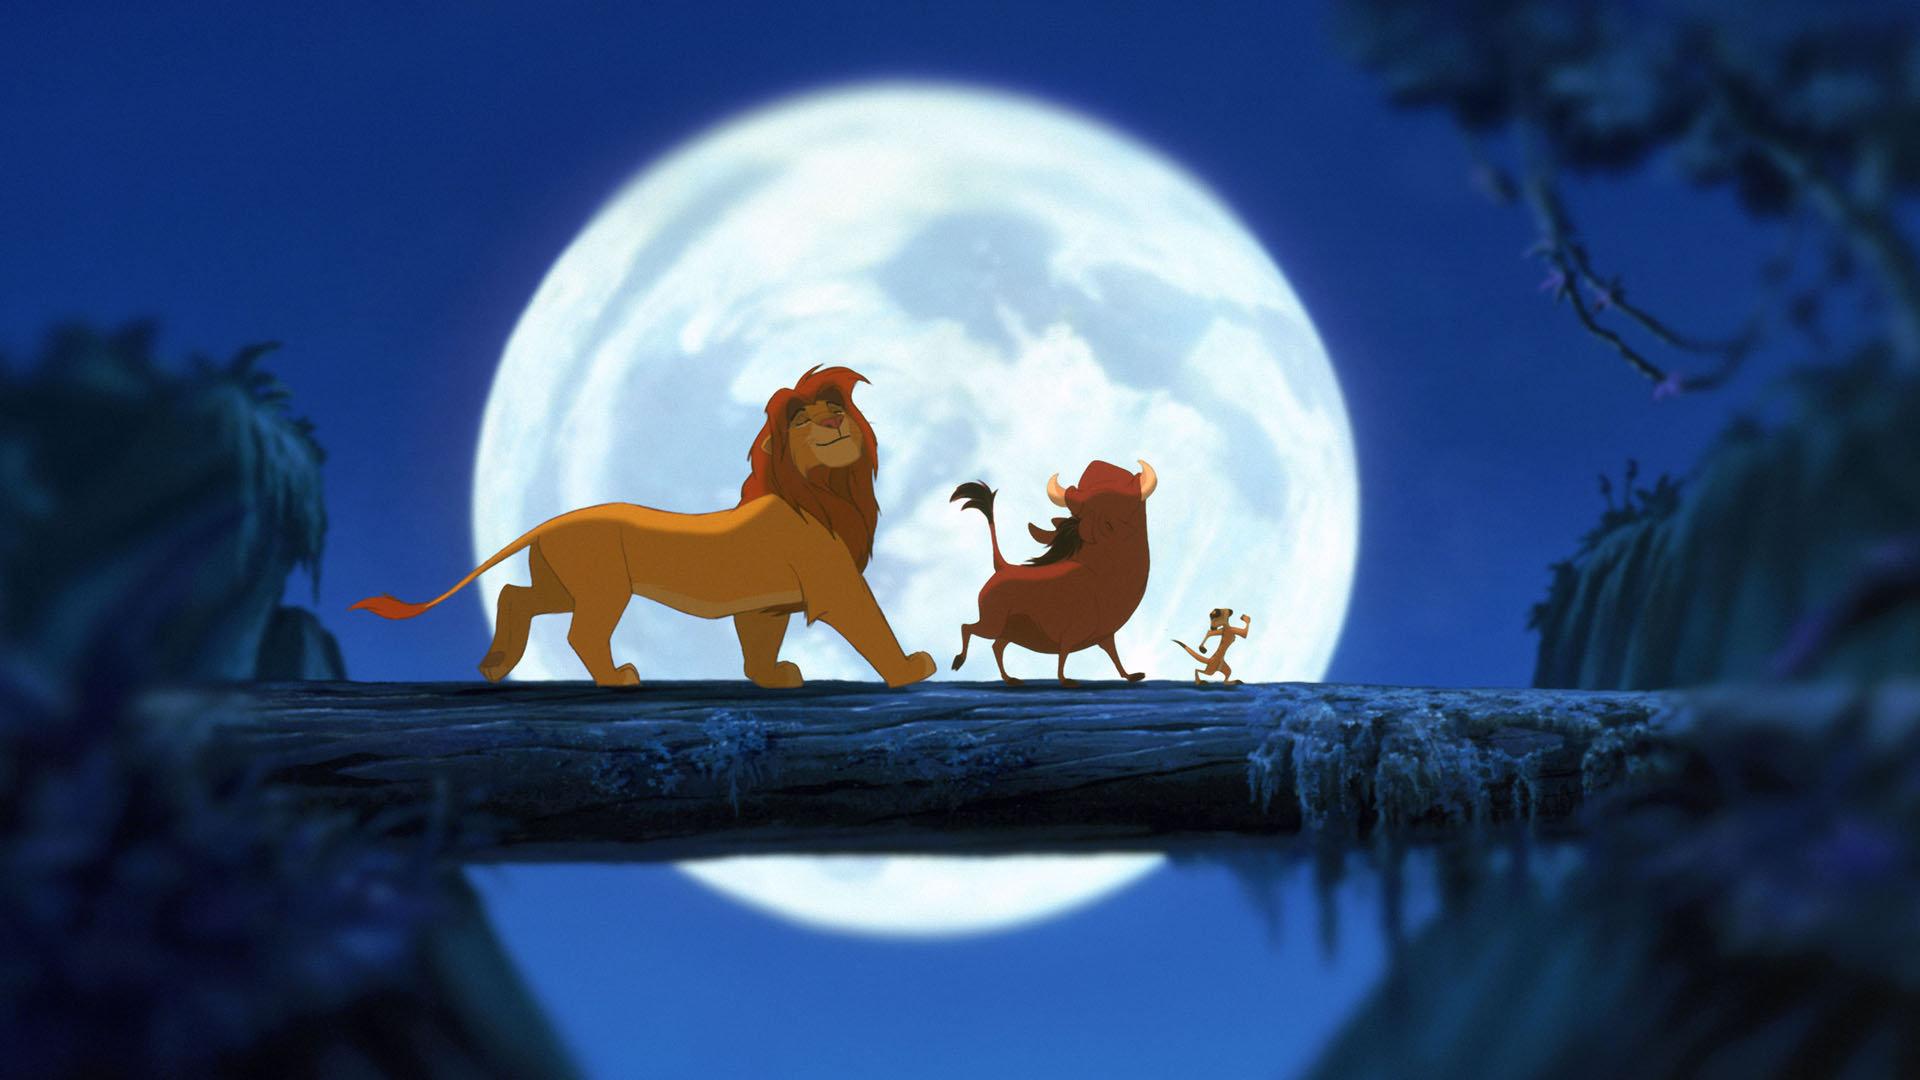 在皮克斯的《海底总动员》推出之前,《狮子王》一直是好莱坞动画片的